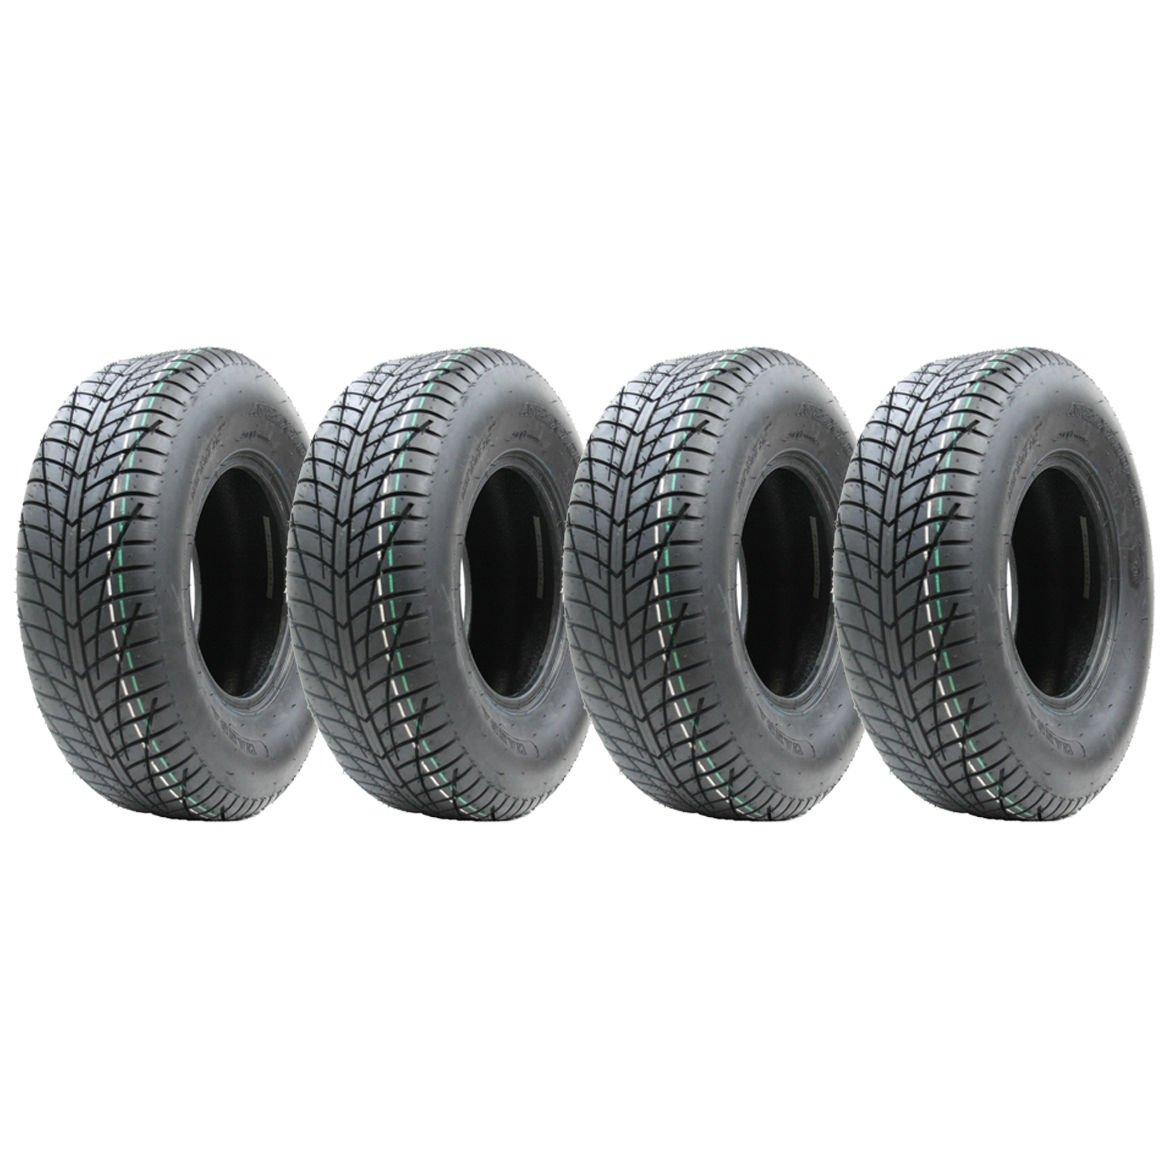 4 - 21x7.00-10 Wanda ATV Reifen E markierte Reifen 21 7 10